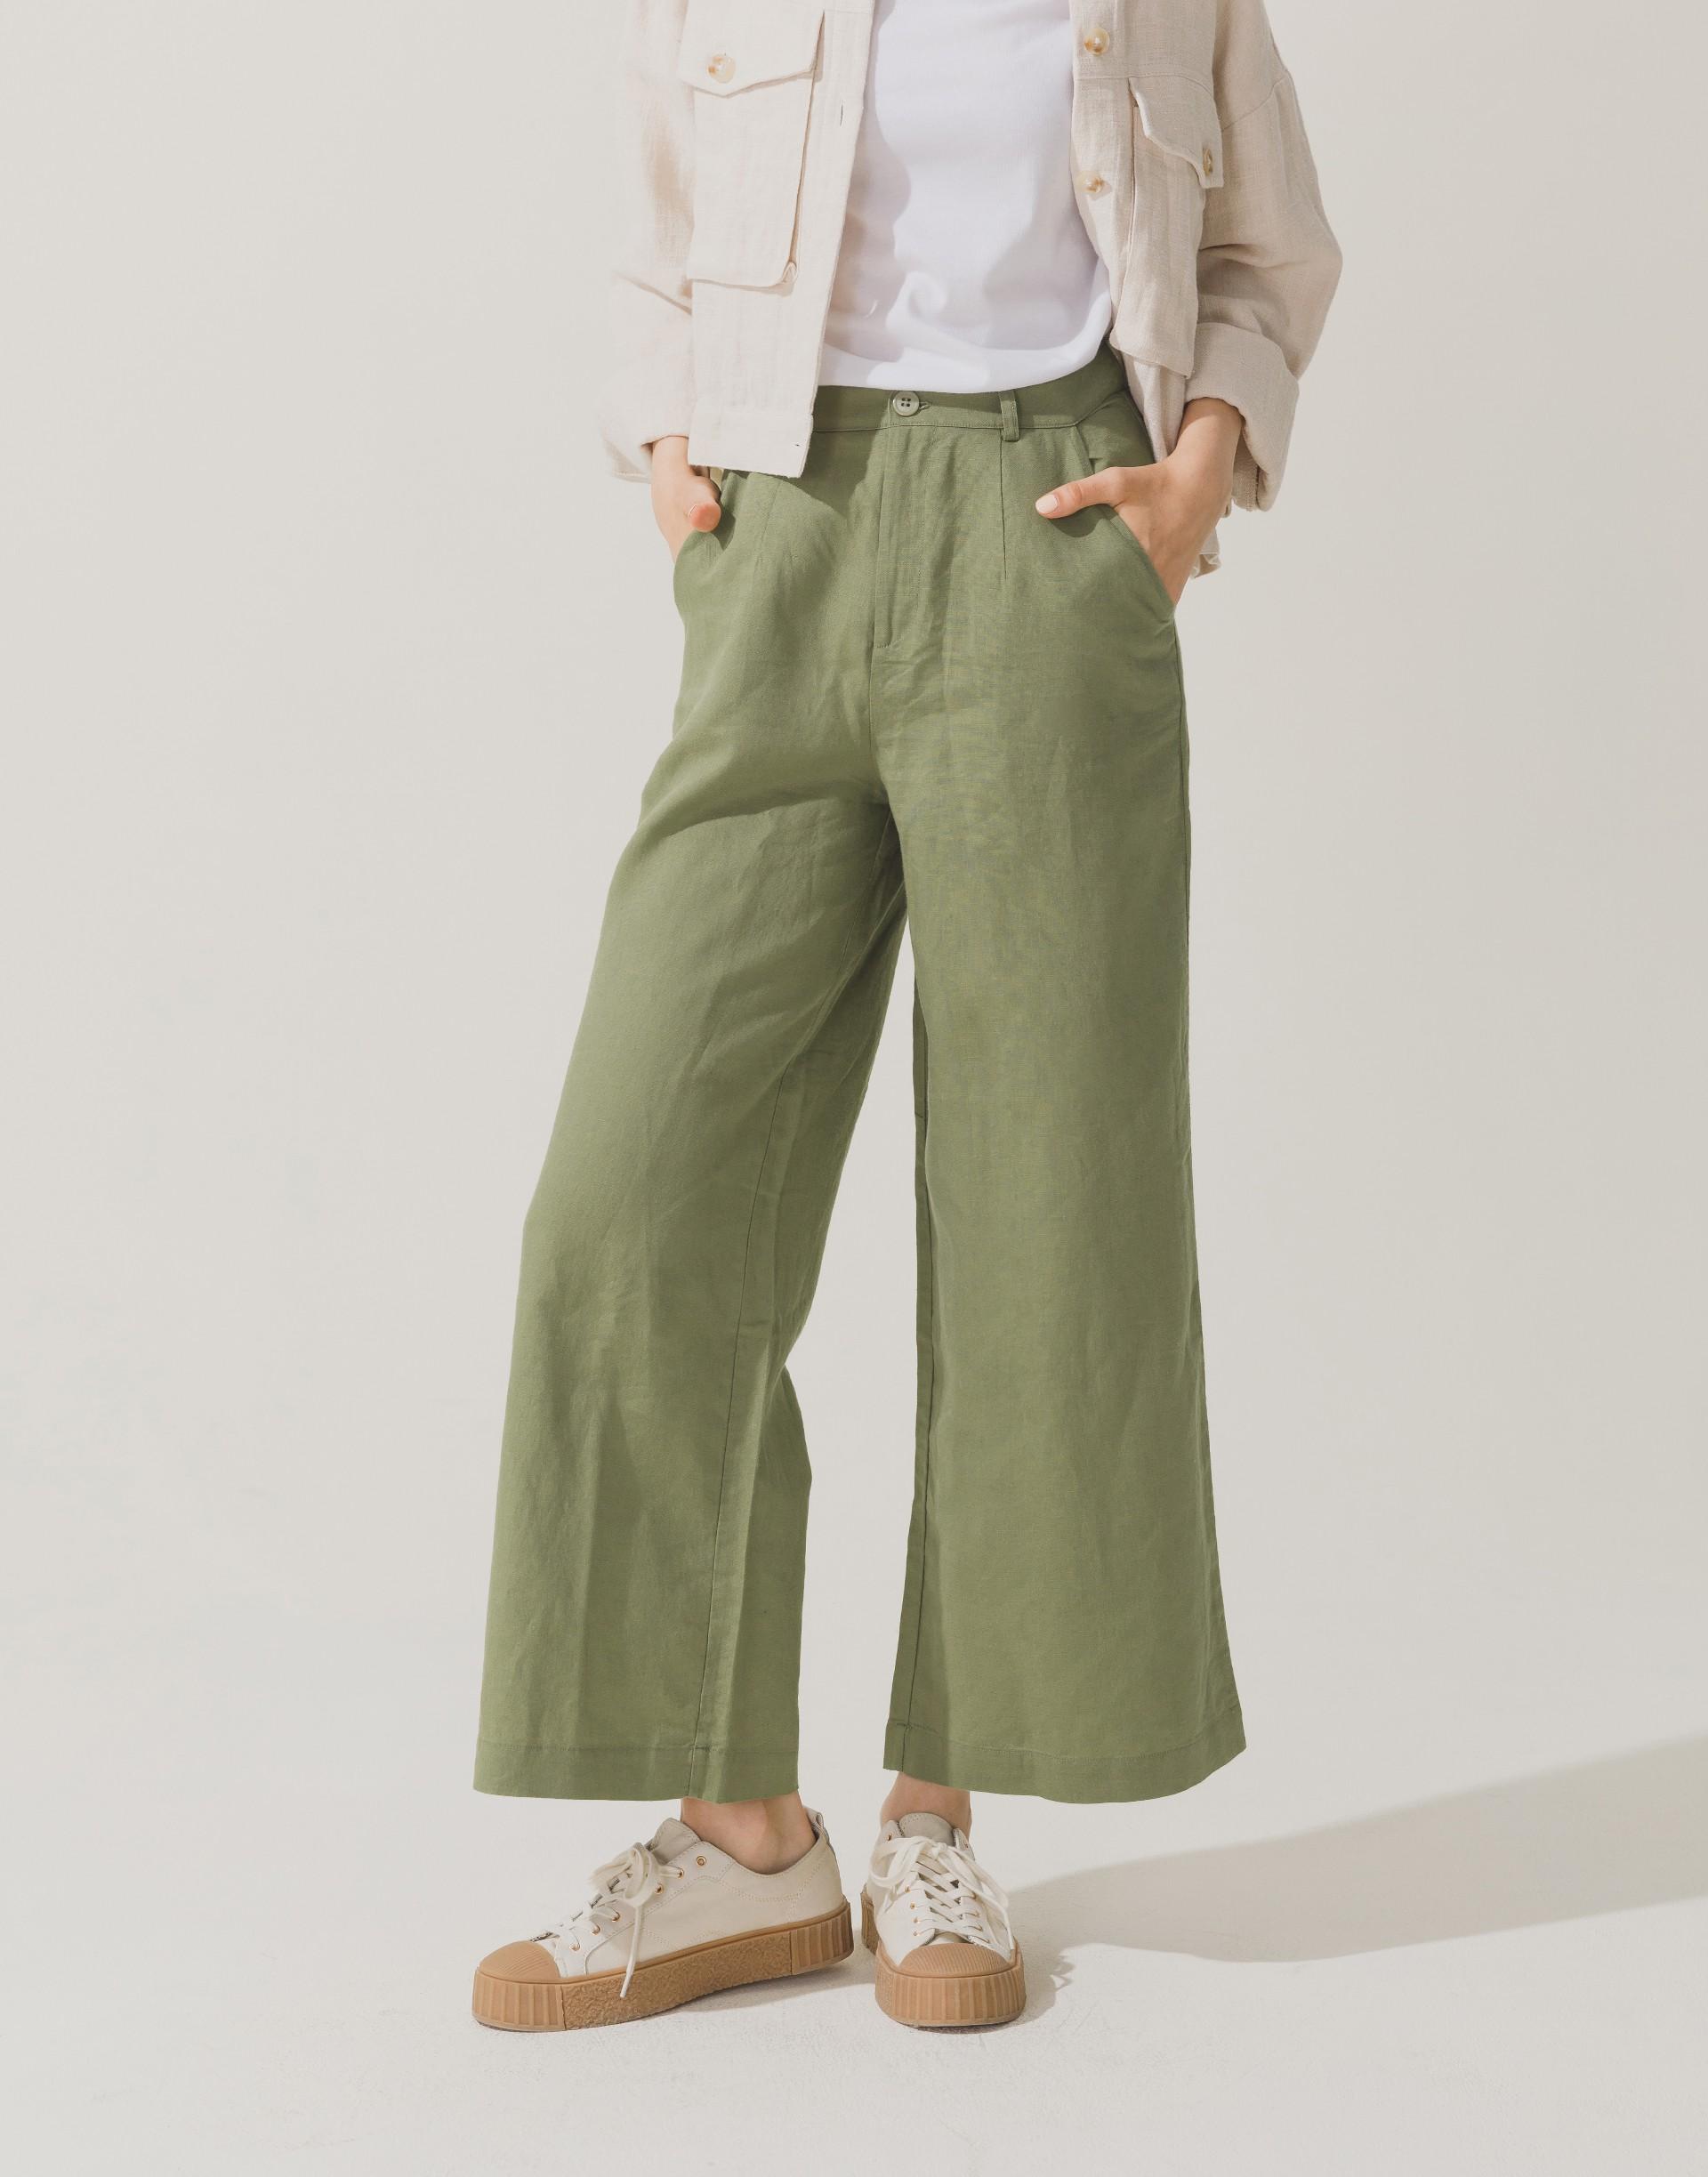 彈性:適中 涼爽棉麻材質、寬版設計、側邊附口袋、後裝飾口袋、無內裡、正中燙線設計